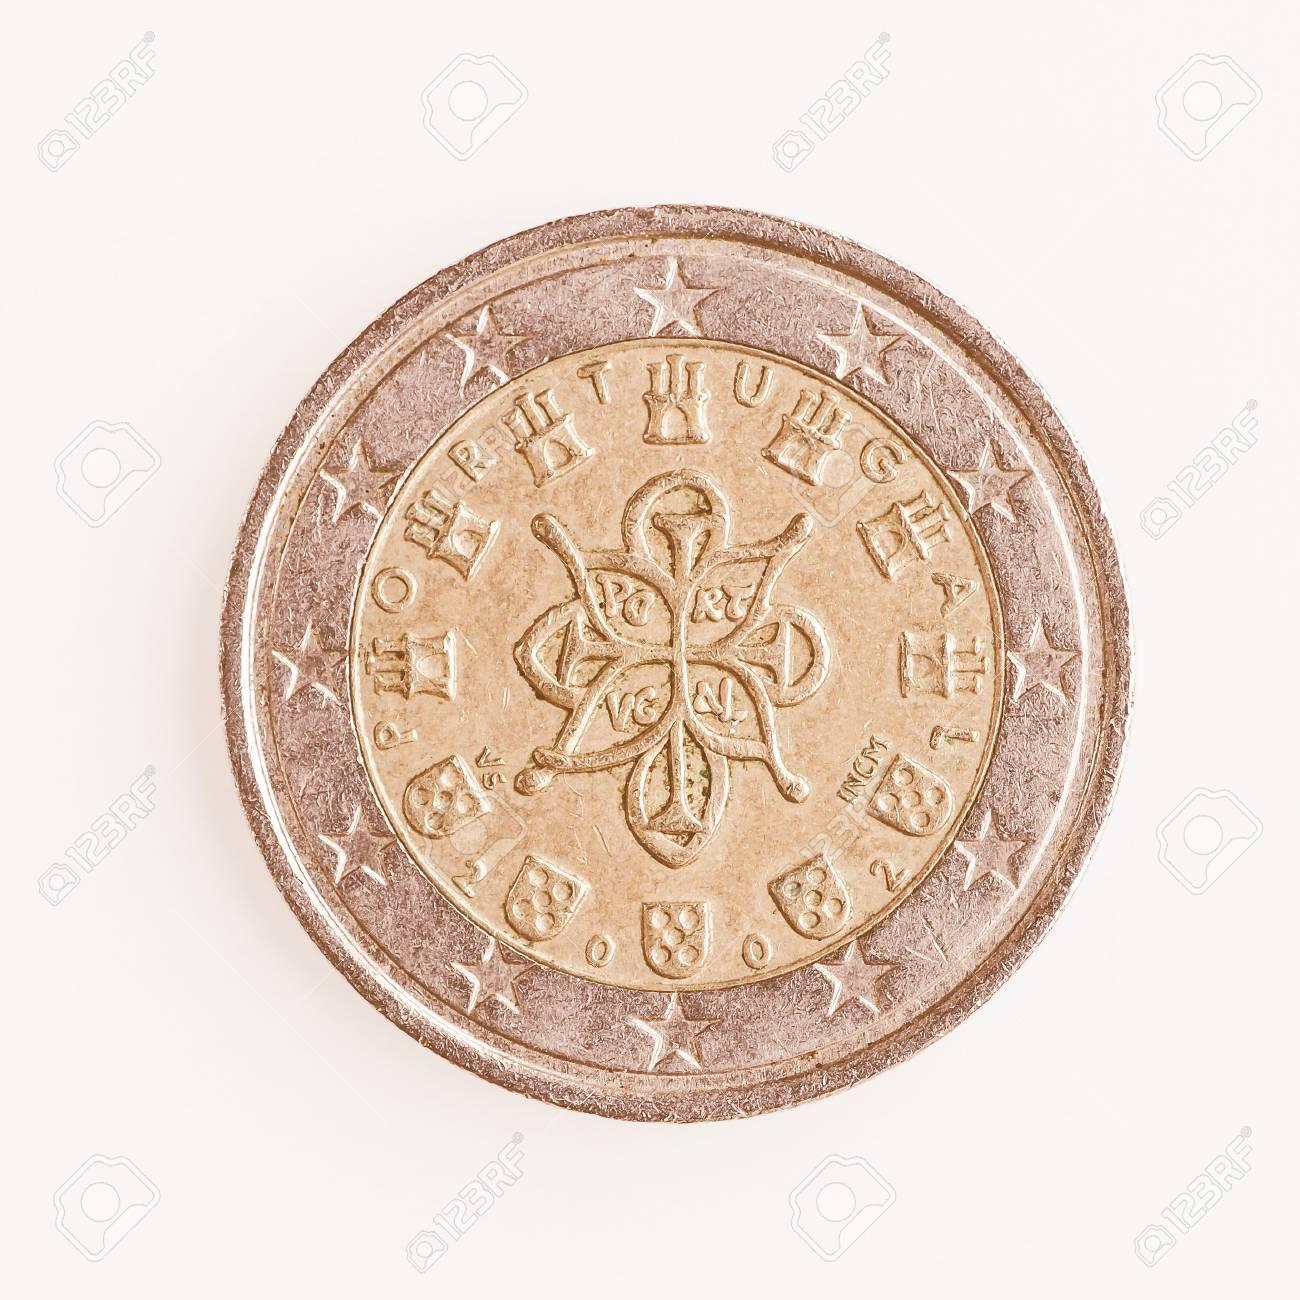 Währungs Europas 2 Euro Münze Aus Portugal Vintage Lizenzfreie Fotos